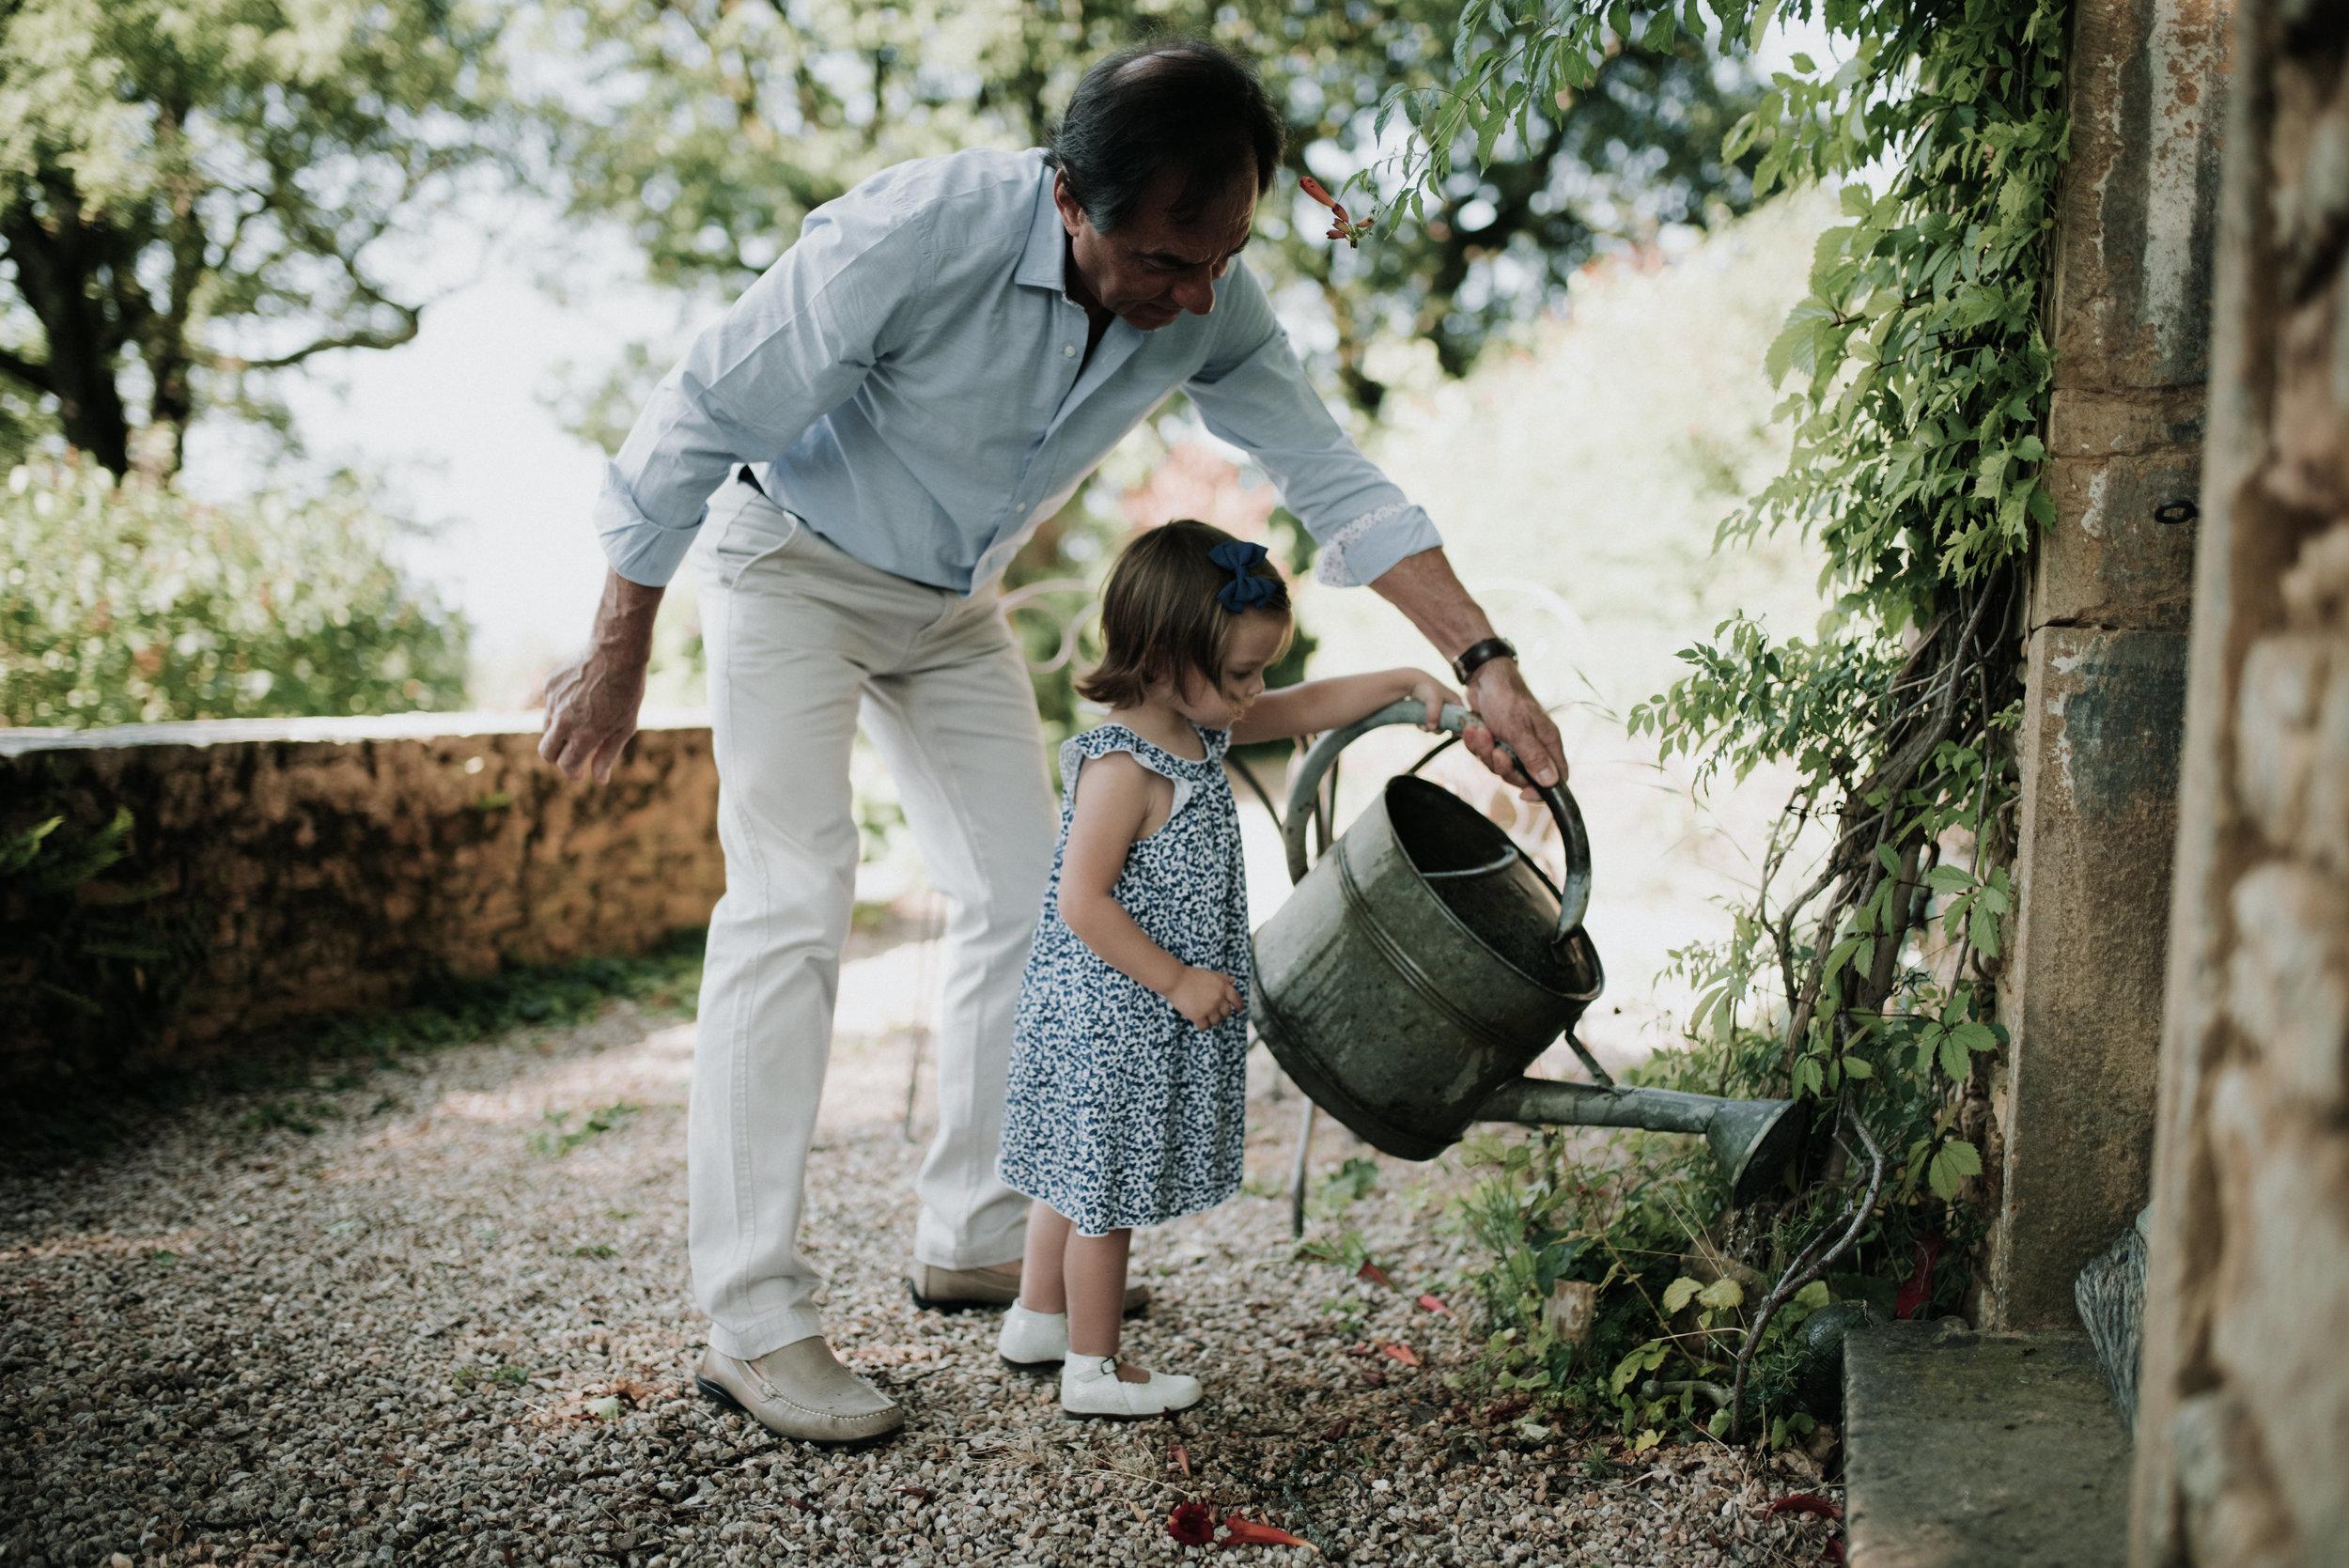 Léa-Fery-photographe-professionnel-lyon-rhone-alpes-portrait-creation-mariage-evenement-evenementiel-famille-4440.jpg